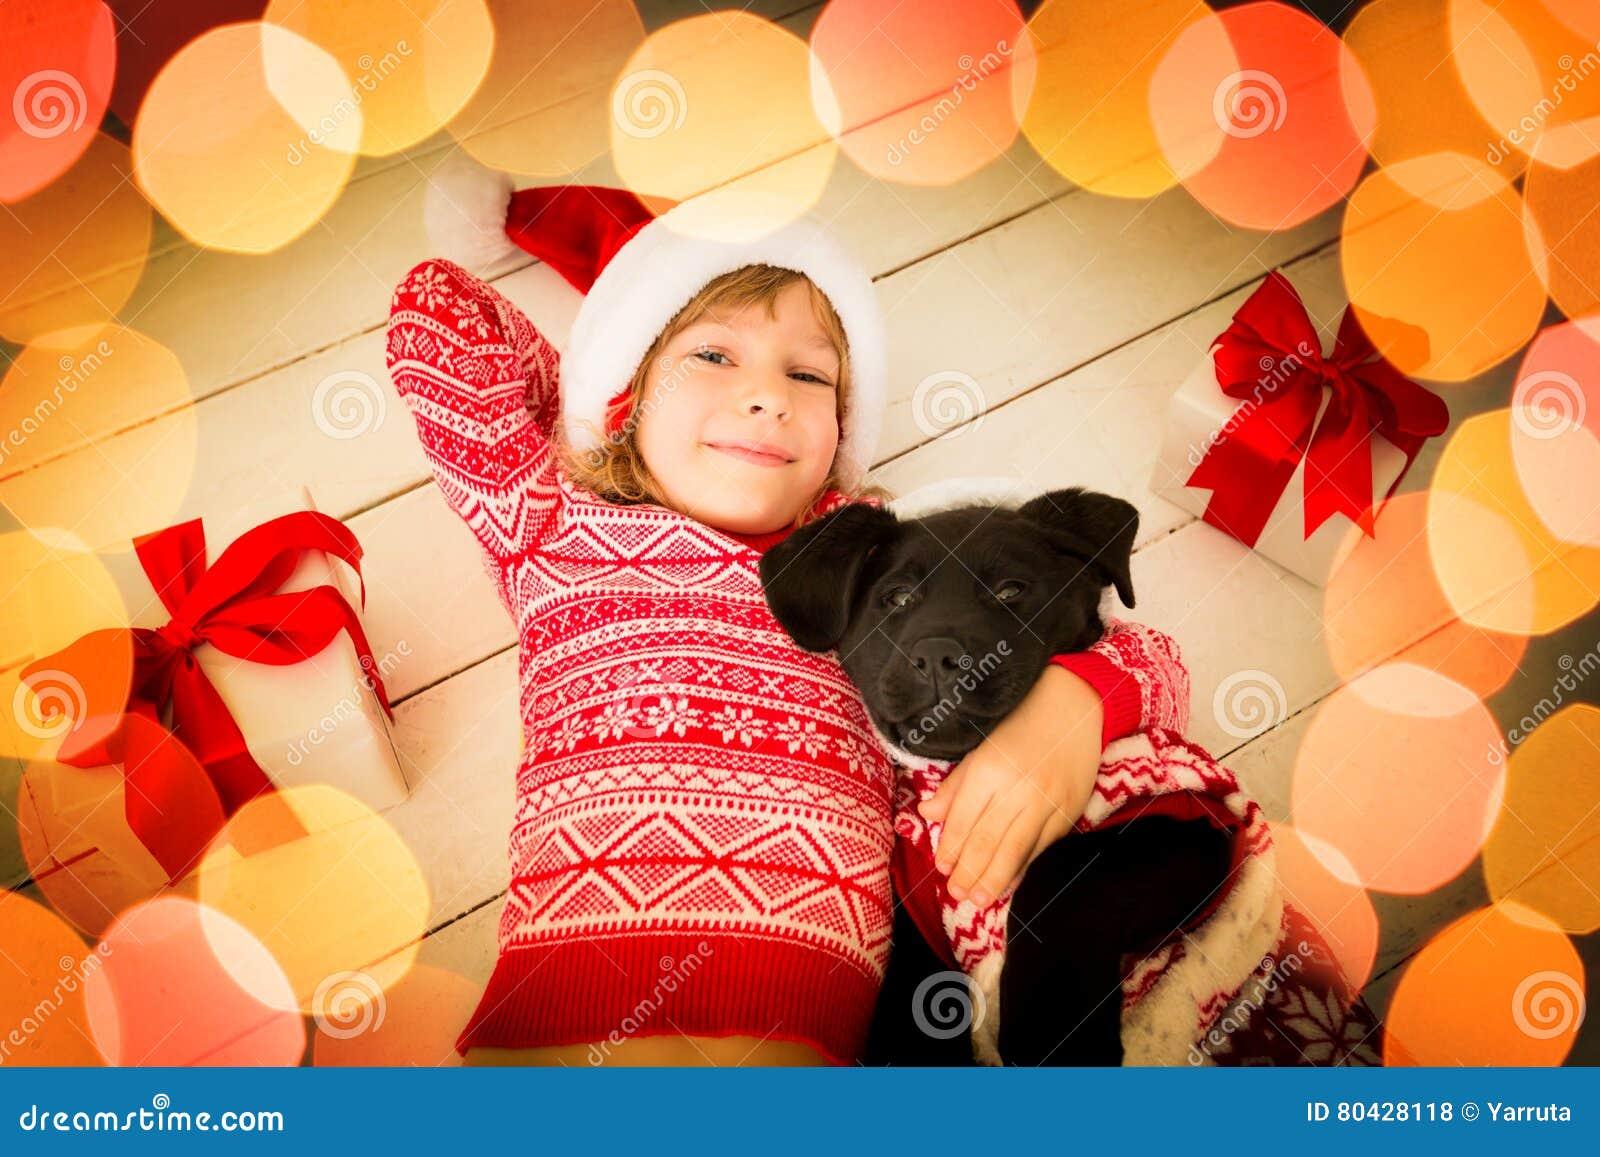 Kind Mit Labrador-Welpen Und Weihnachtsgeschenk Stockfoto - Bild von ...